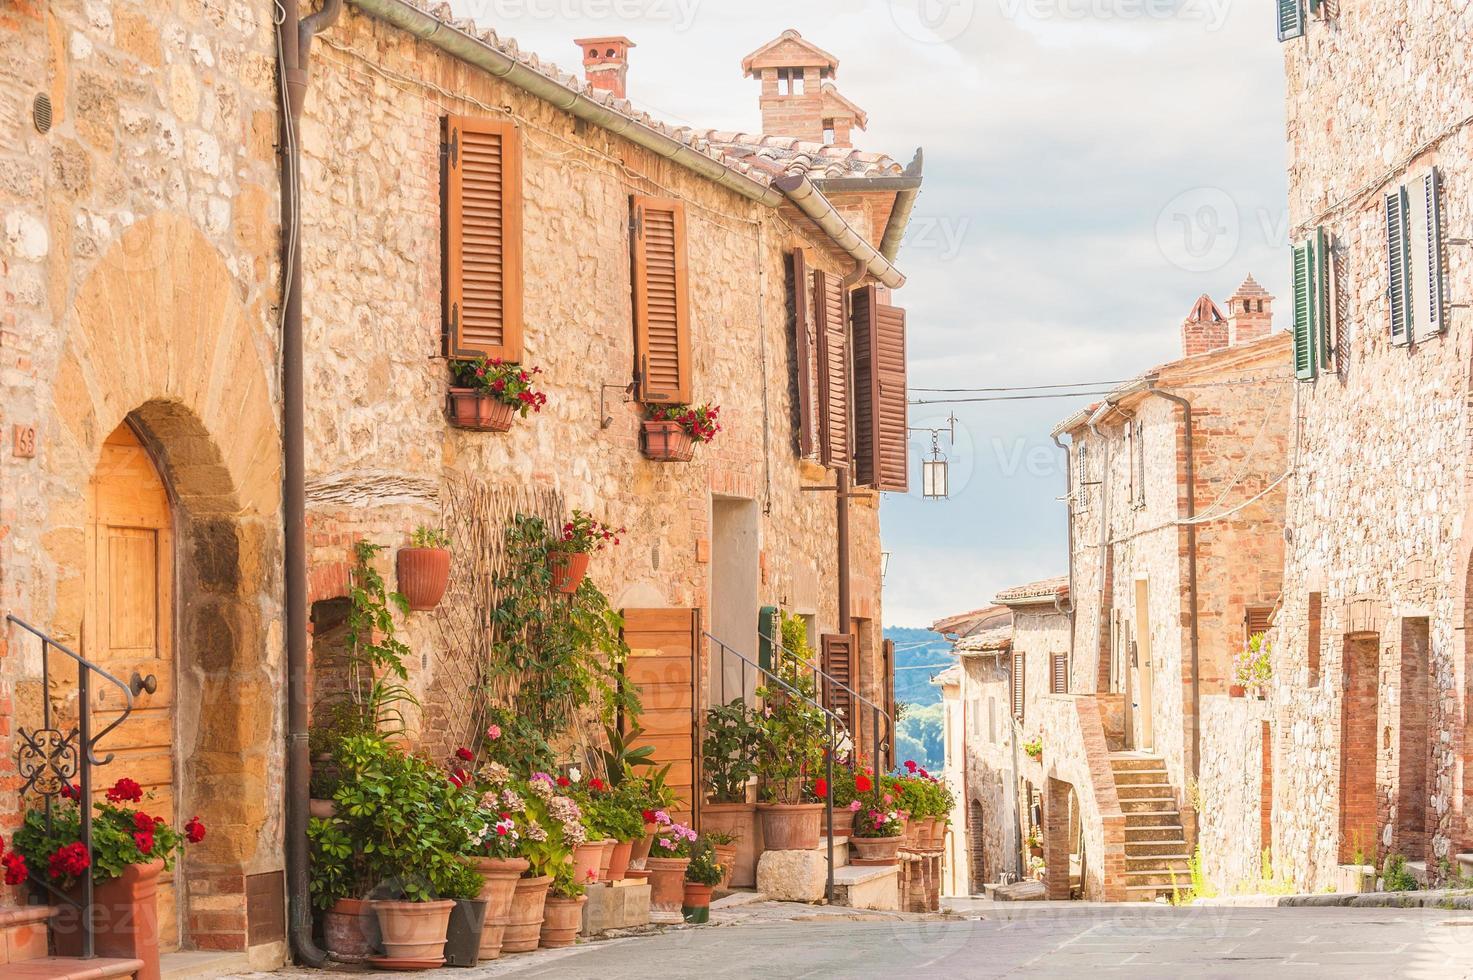 il centro storico medievale in toscana, italia foto